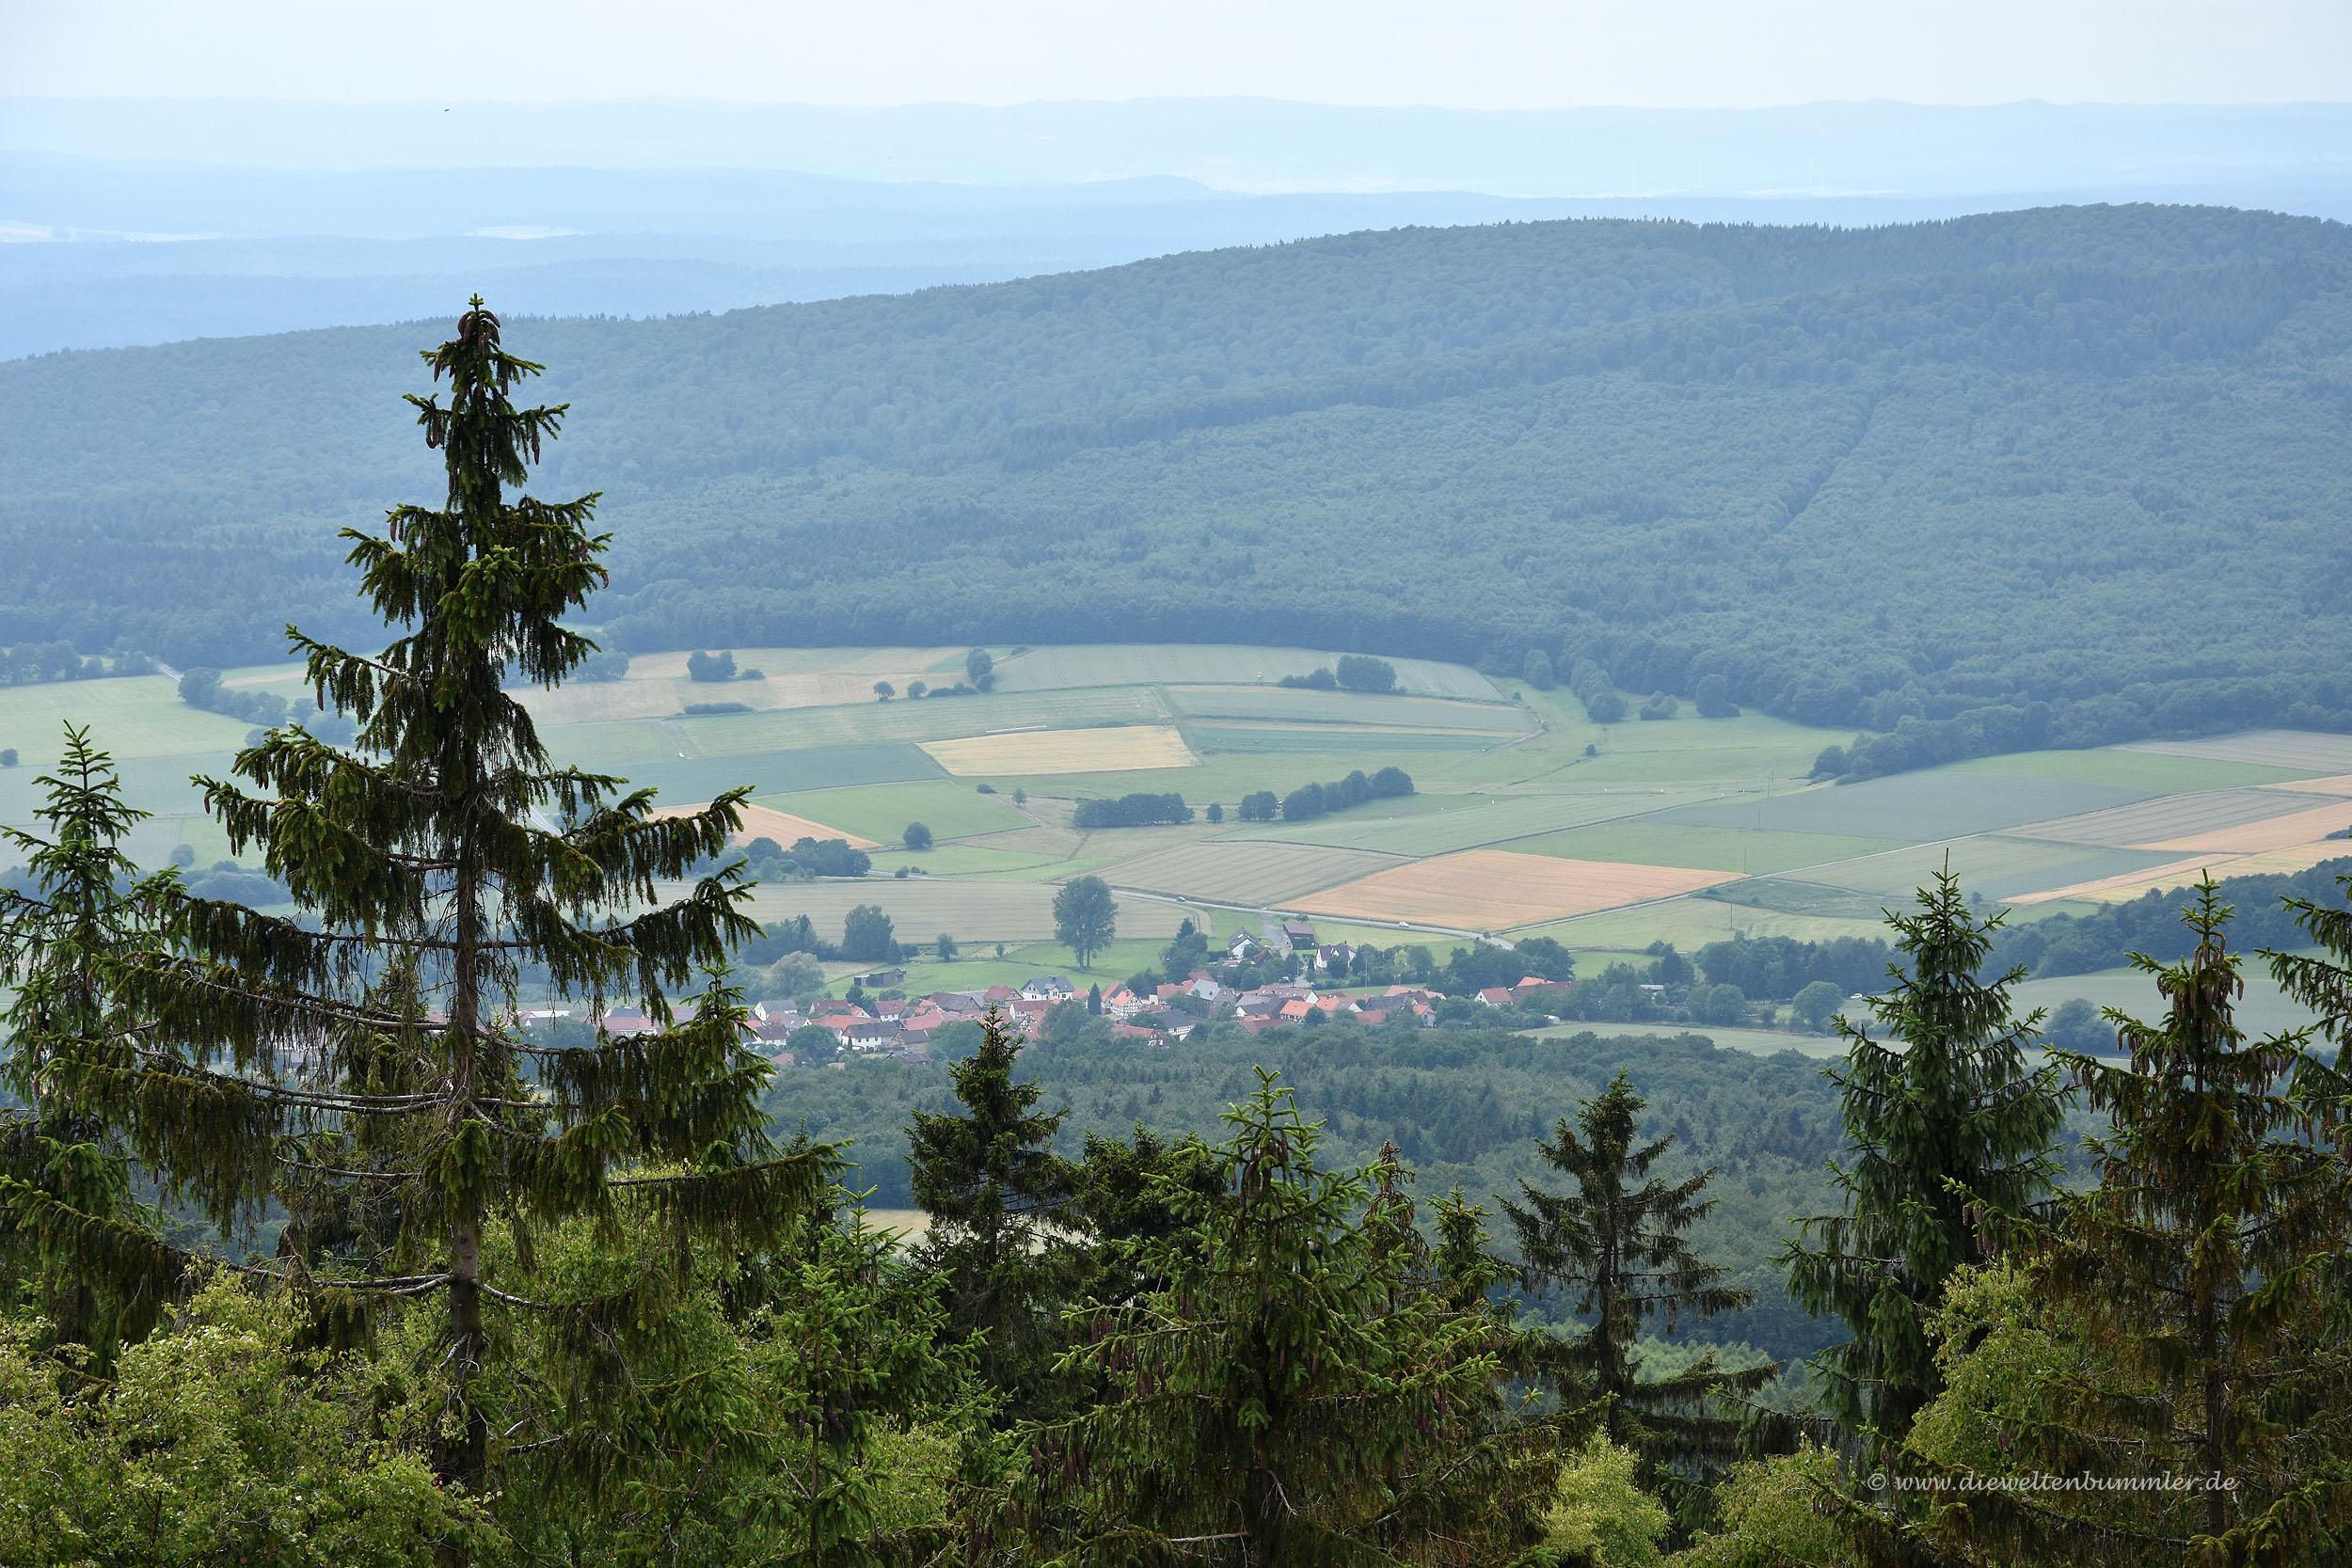 Umgebung am Kellerwaldturm